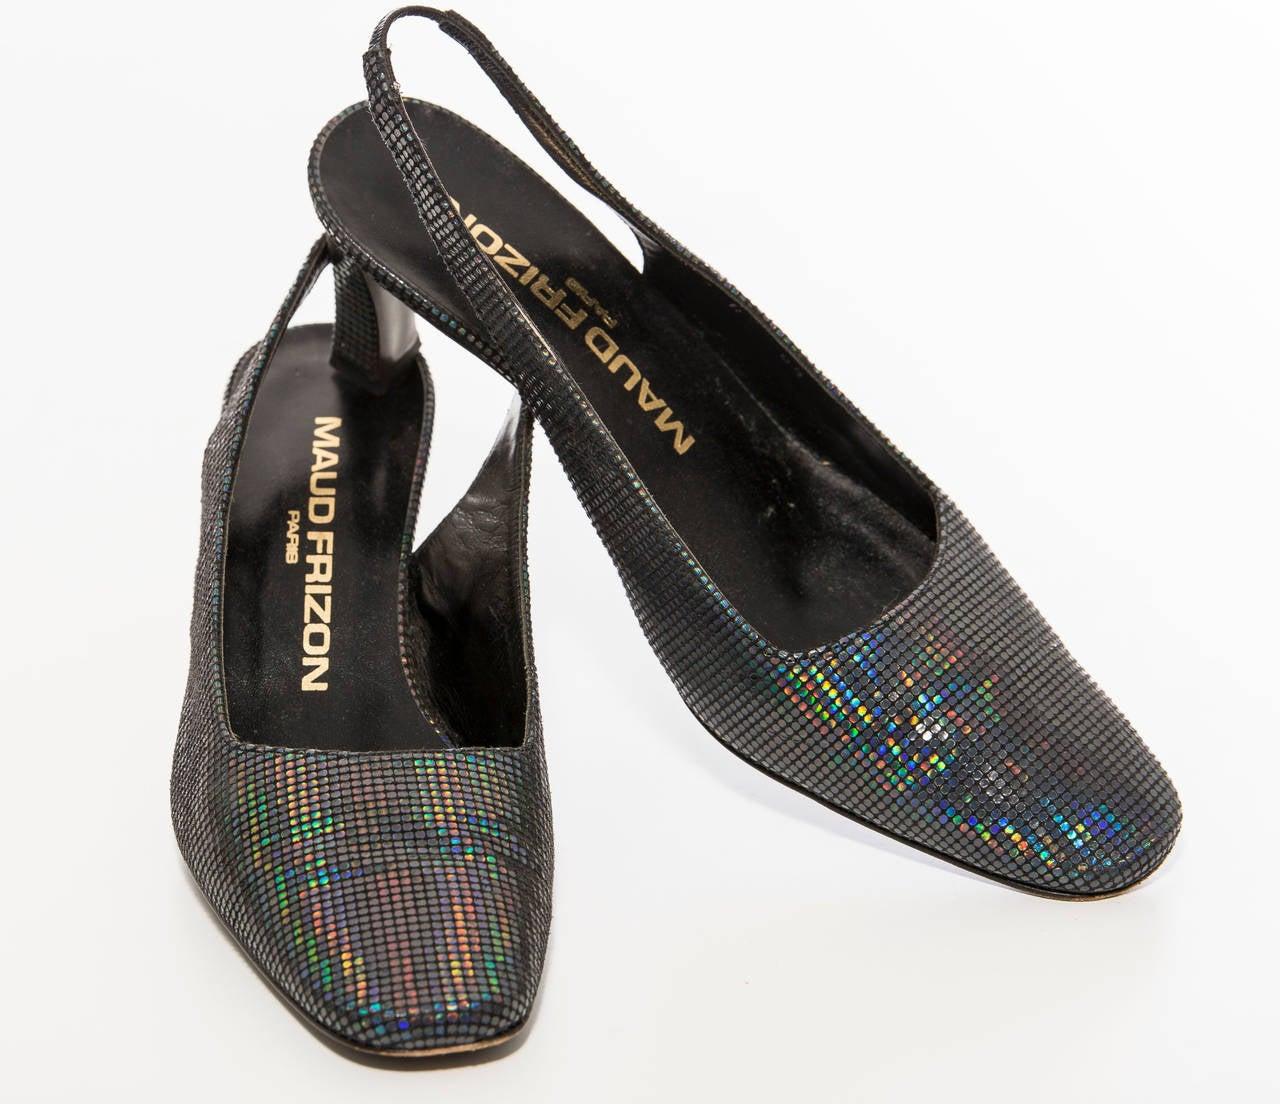 Women's Maud Frizon Navy Blue Iridescent Suede Kitten Heel Shoe, Circa 1980's For Sale